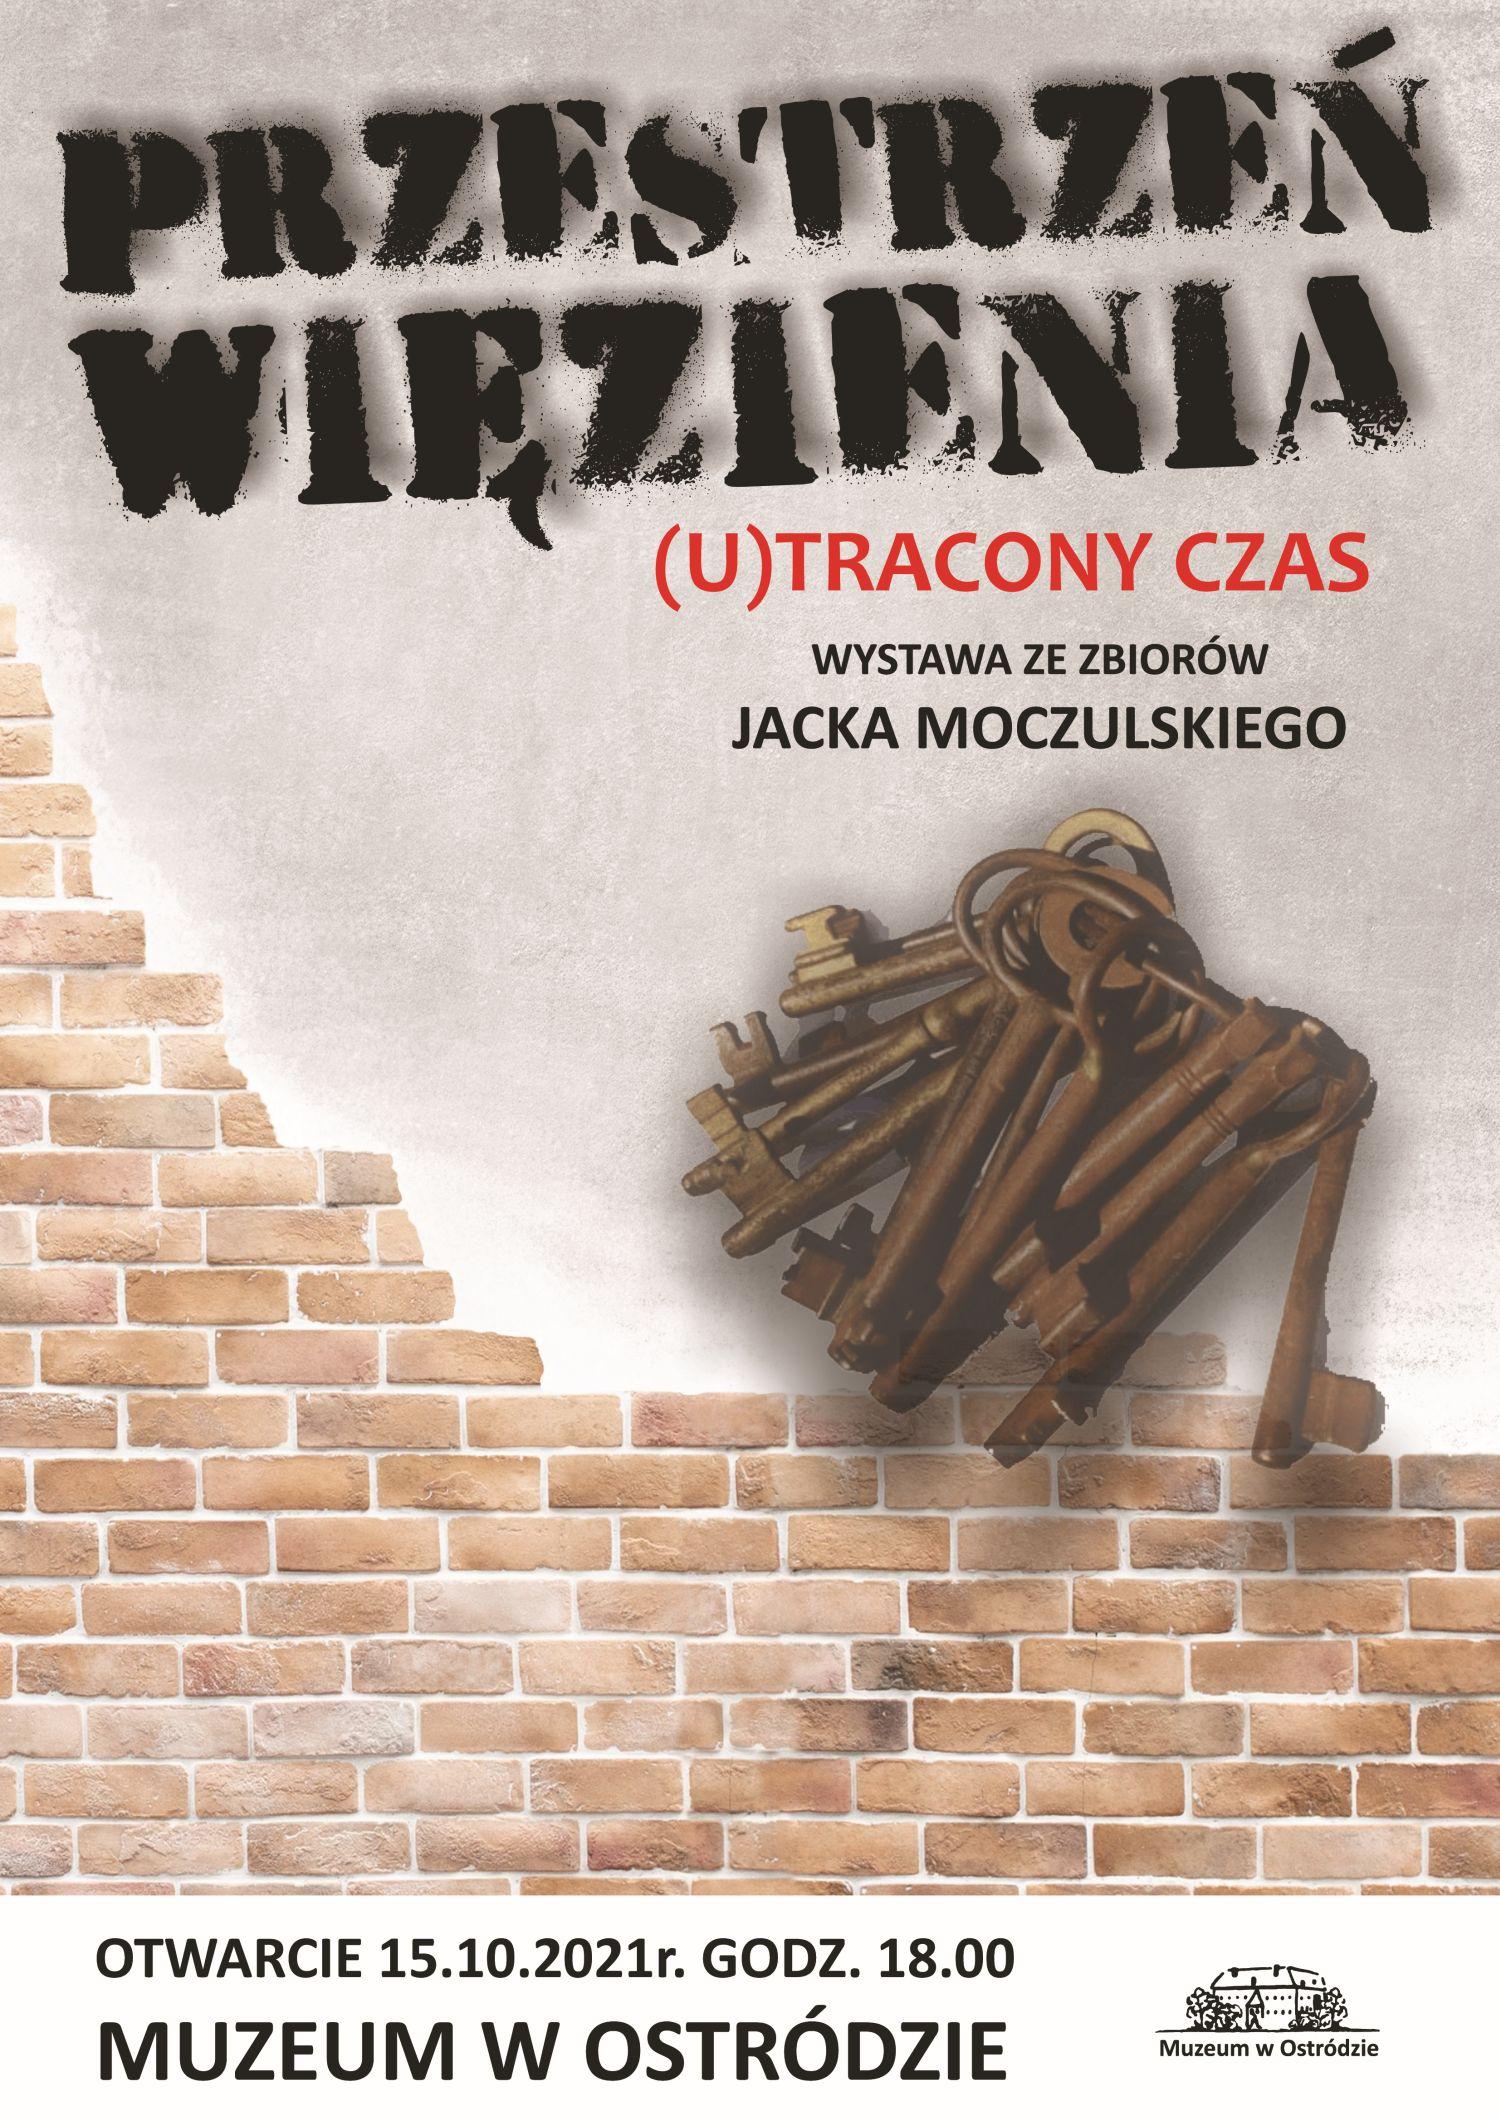 plakat promujący wystawę przestrzeń więzienia